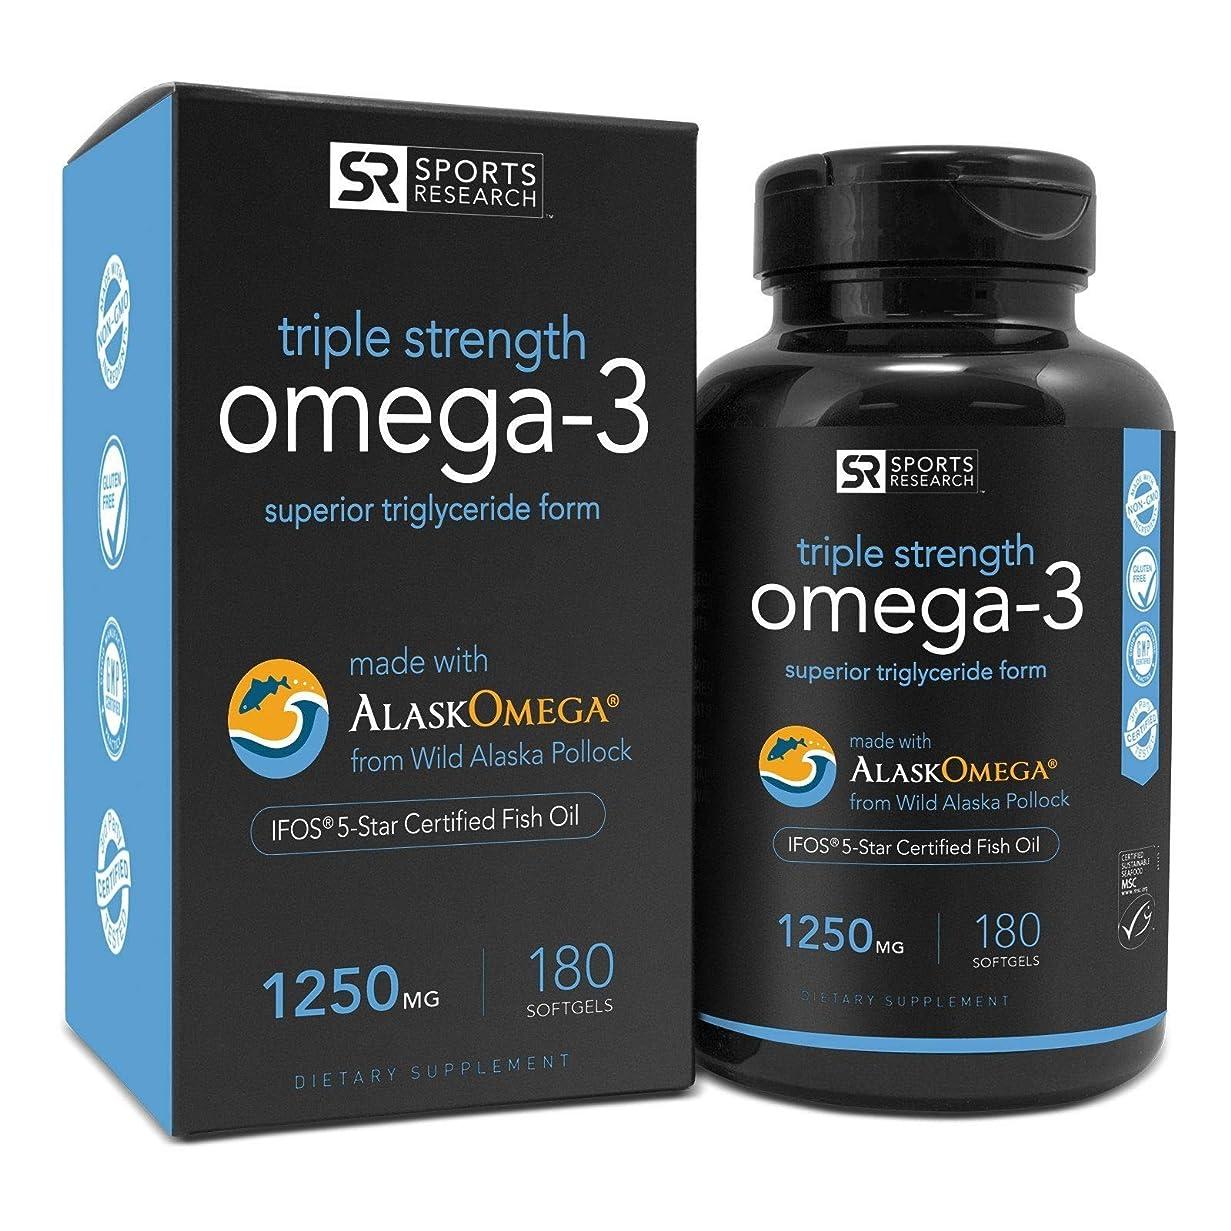 思いつく区代理店Omega-3 Fish Oil 1250mg (Triple Strength) 180 gelcaps| Contains the highest levels of triglyceride Omega-3s EPA & DHA per softgel | Best Omega support for a Healthy Heart - IFOS 5 Star Certified by Sports Research